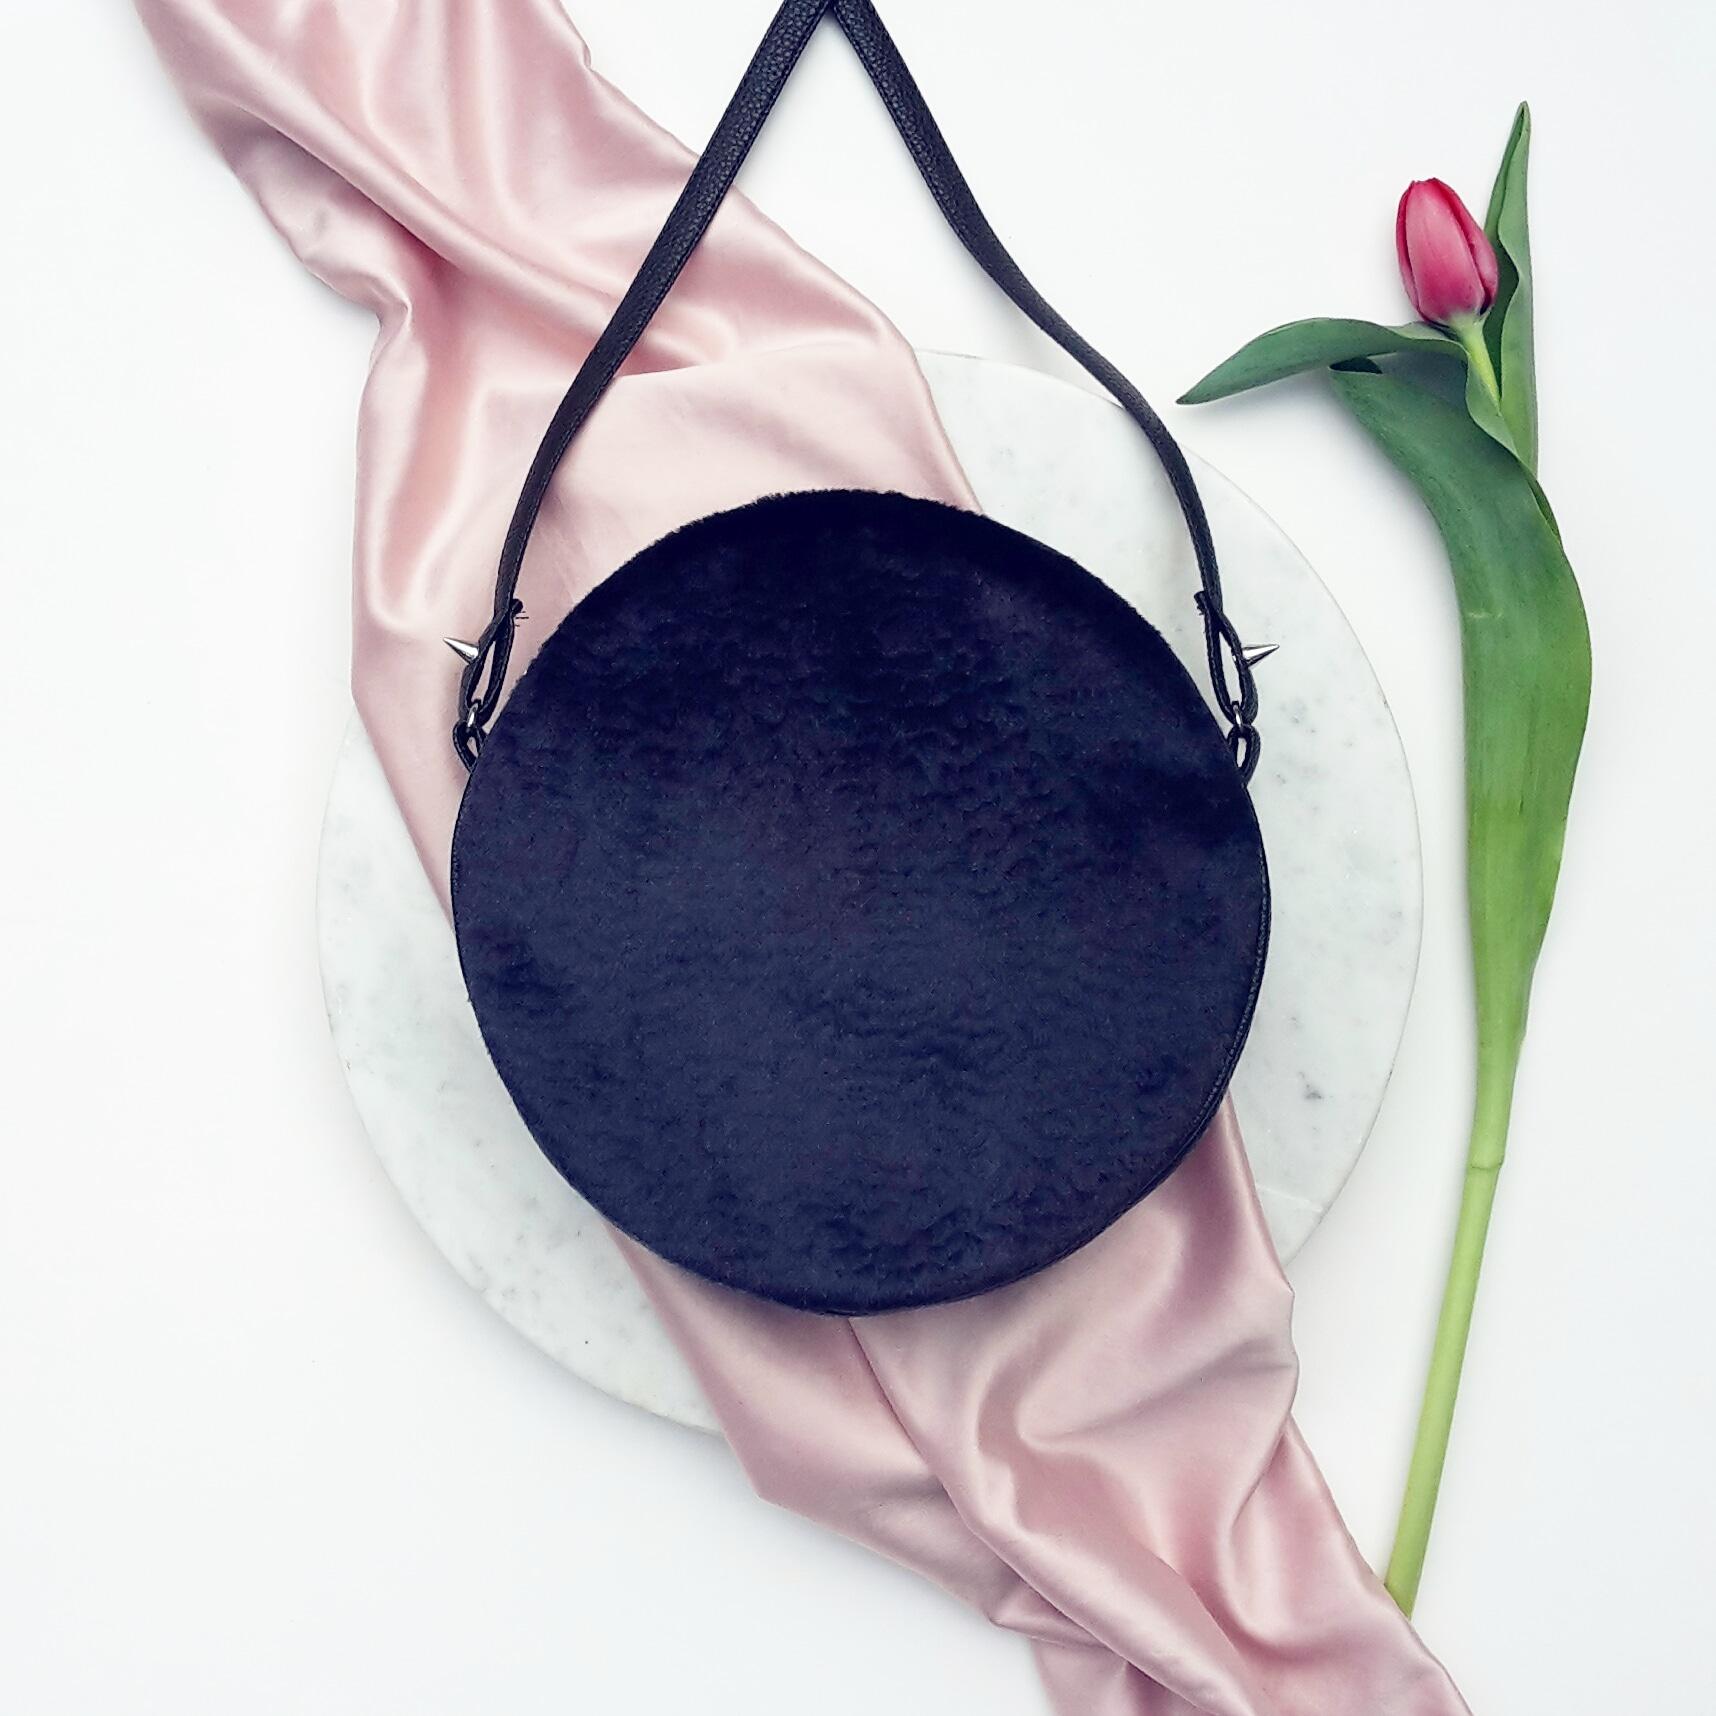 Shameless self promotion -  Chloe Bag in Ink Blue Velvet